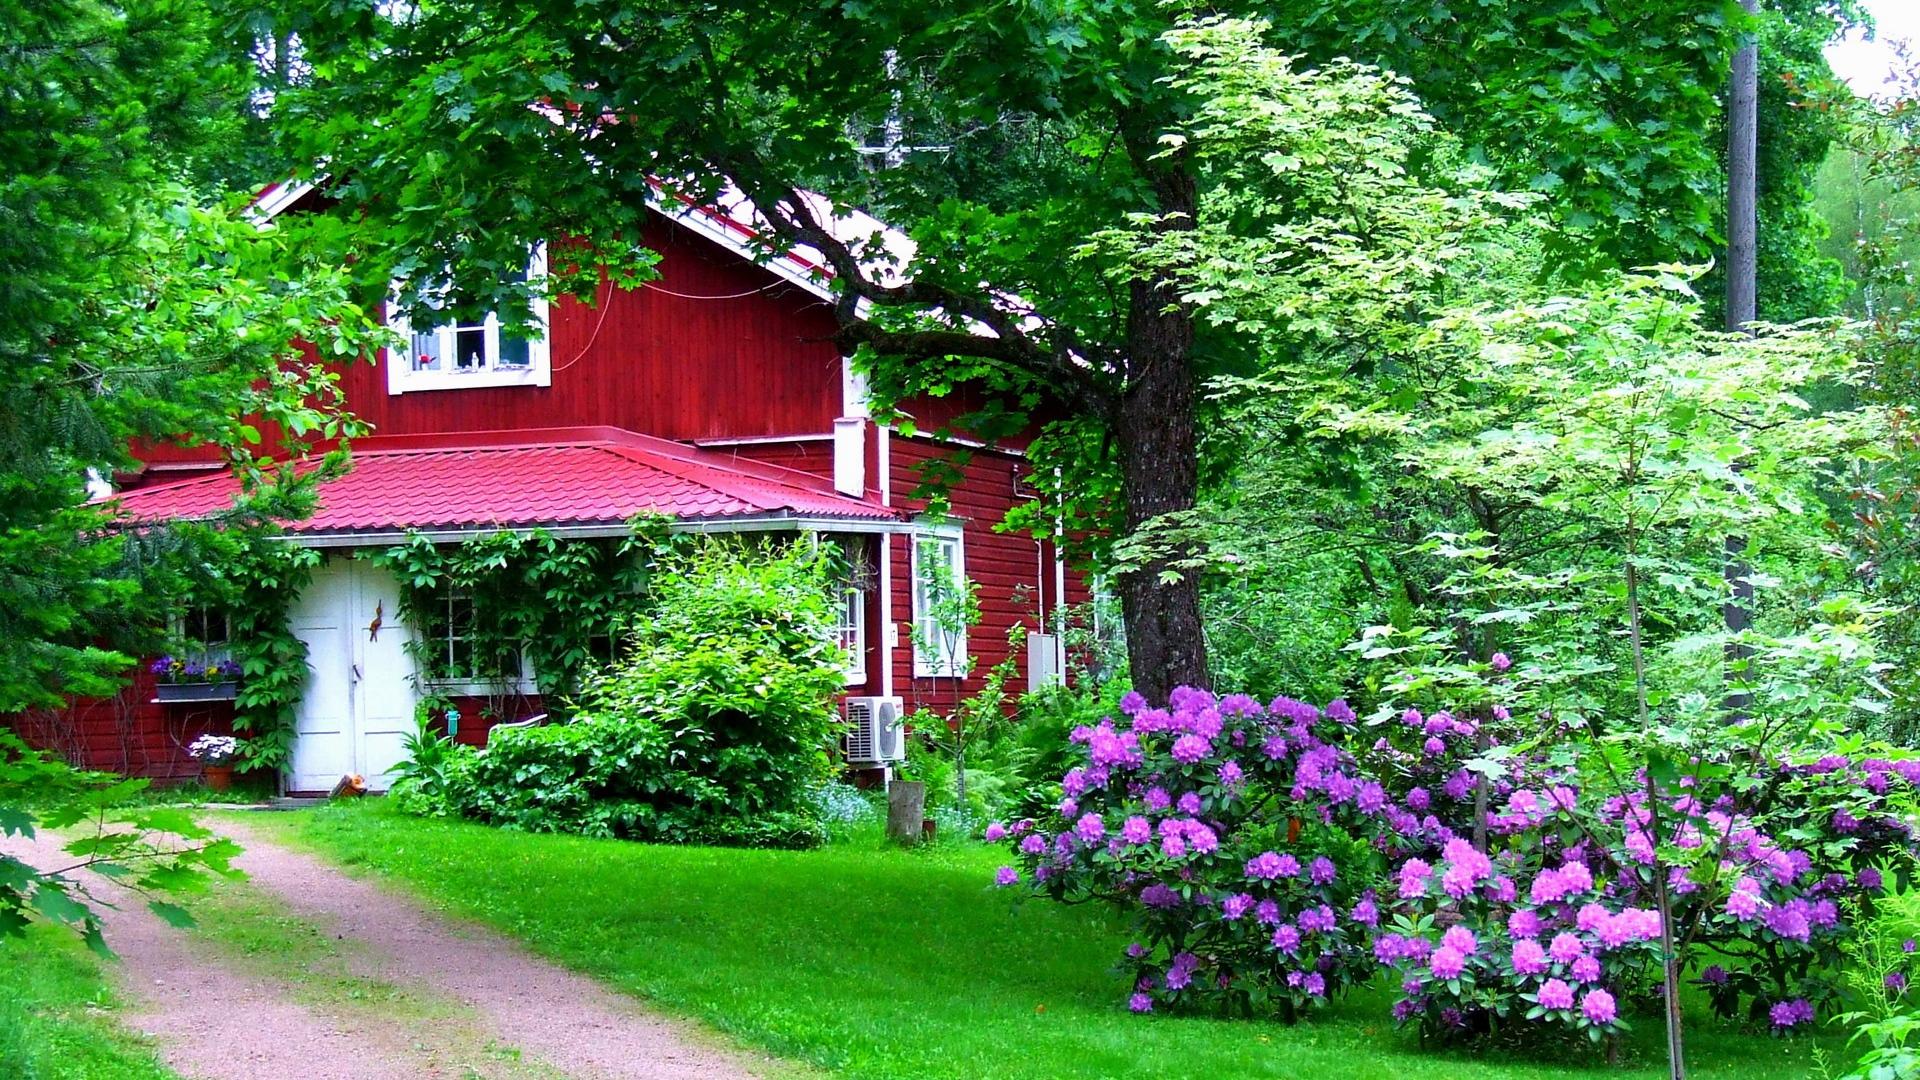 Download Wallpaper 1920x1080 House Garden Yard Flowers Green Door Full Hd 1080p Hd Background